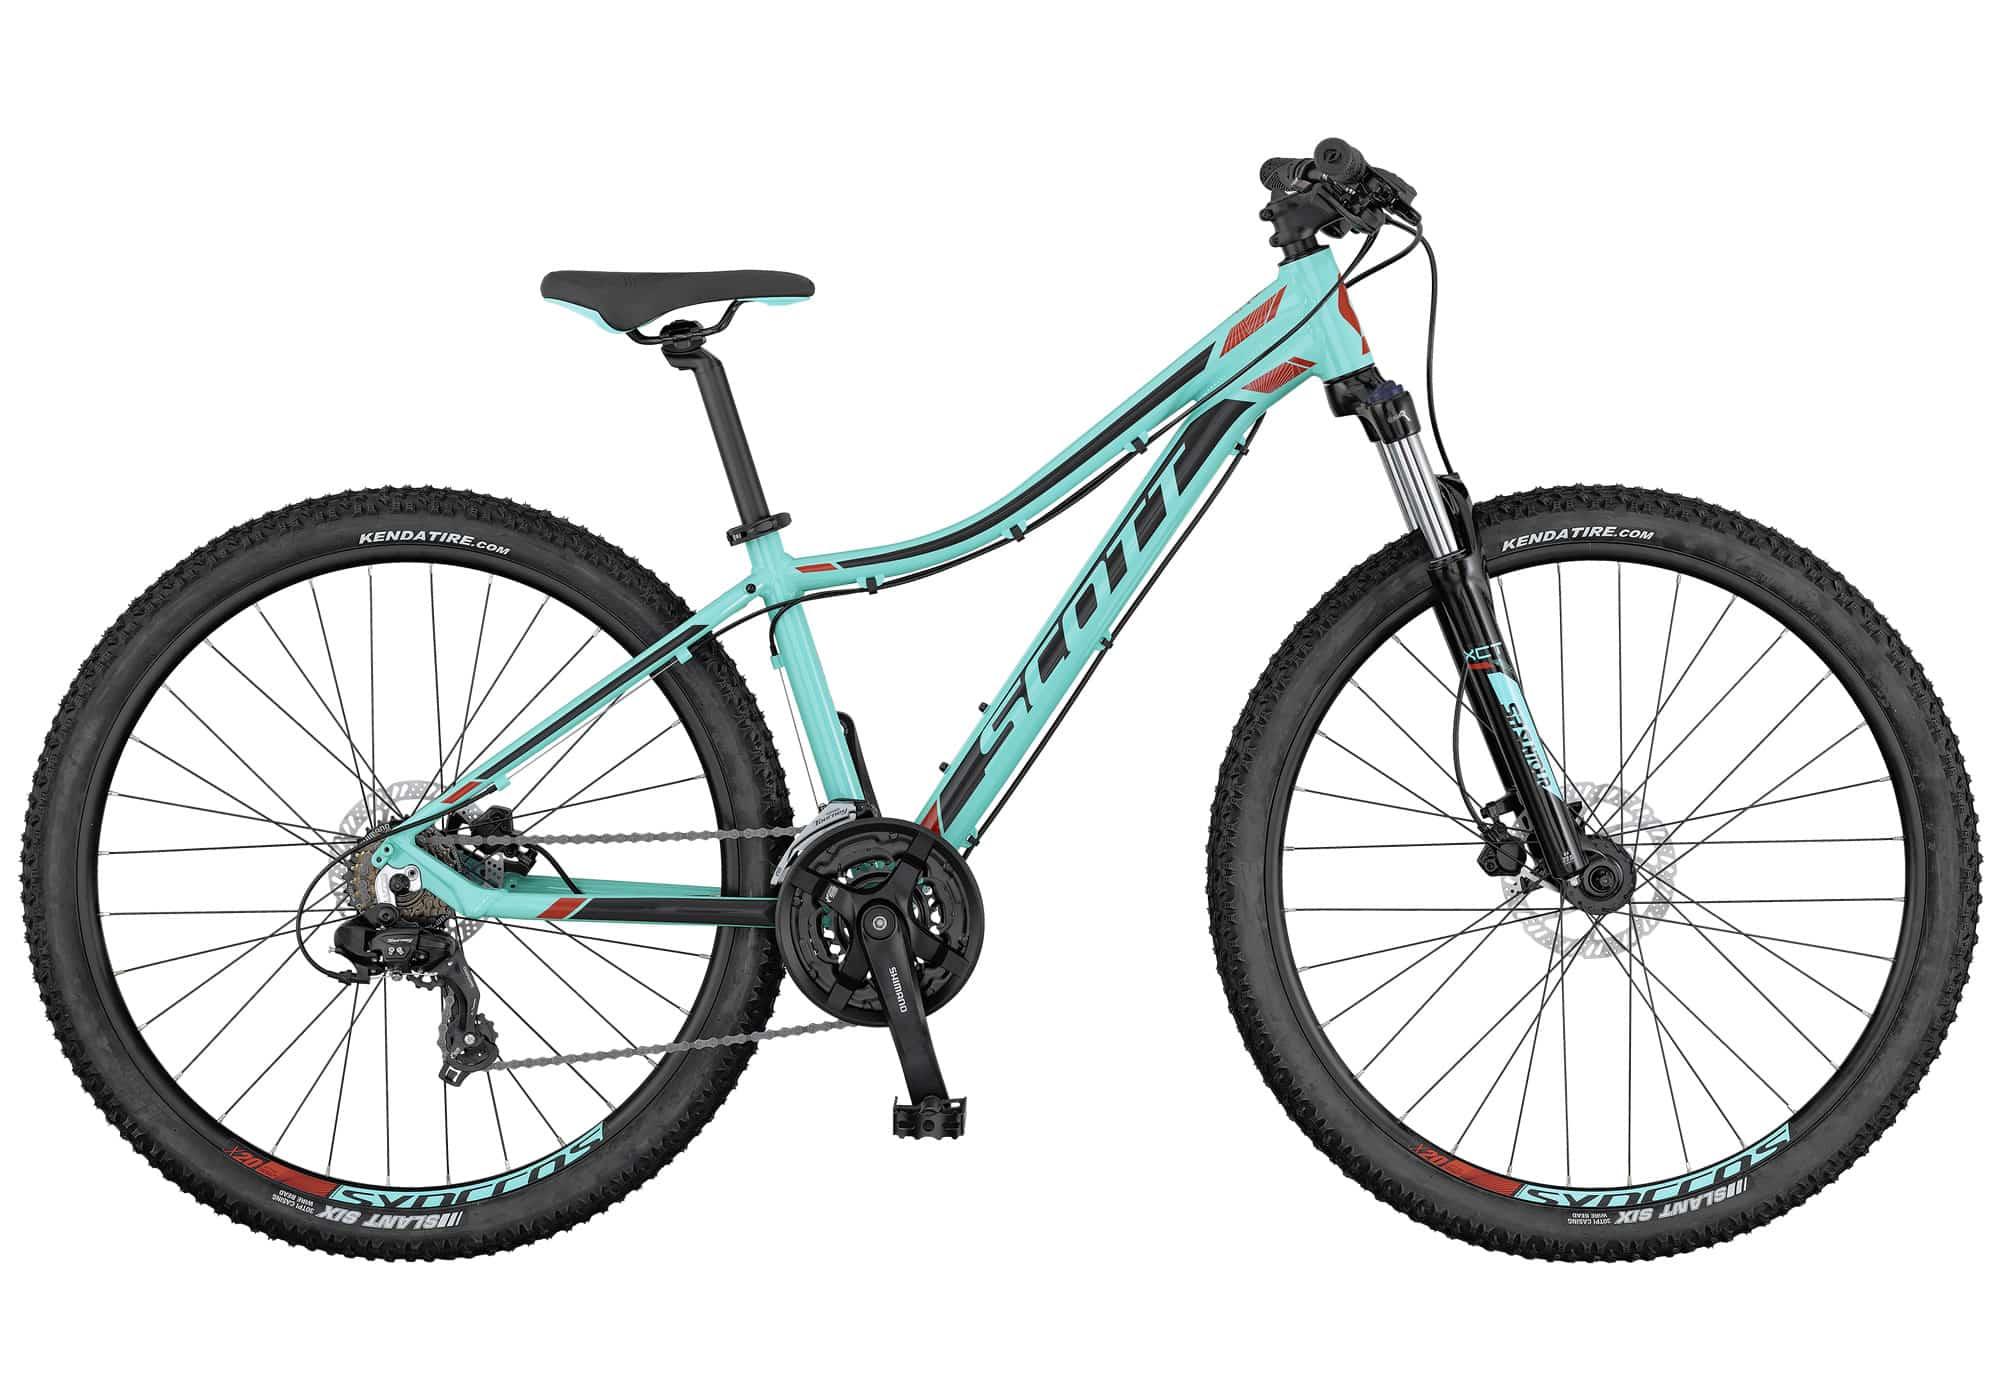 Scott Contessa 740. La Contessa 740 de SCOTT es una bicicleta de montaña sin suspensión trasera con características específicas para mujer y un precio asequible. Esta bicicleta es ideal para ciclistas ocasionales y principiantes y cuenta con frenos de disco Tektro.